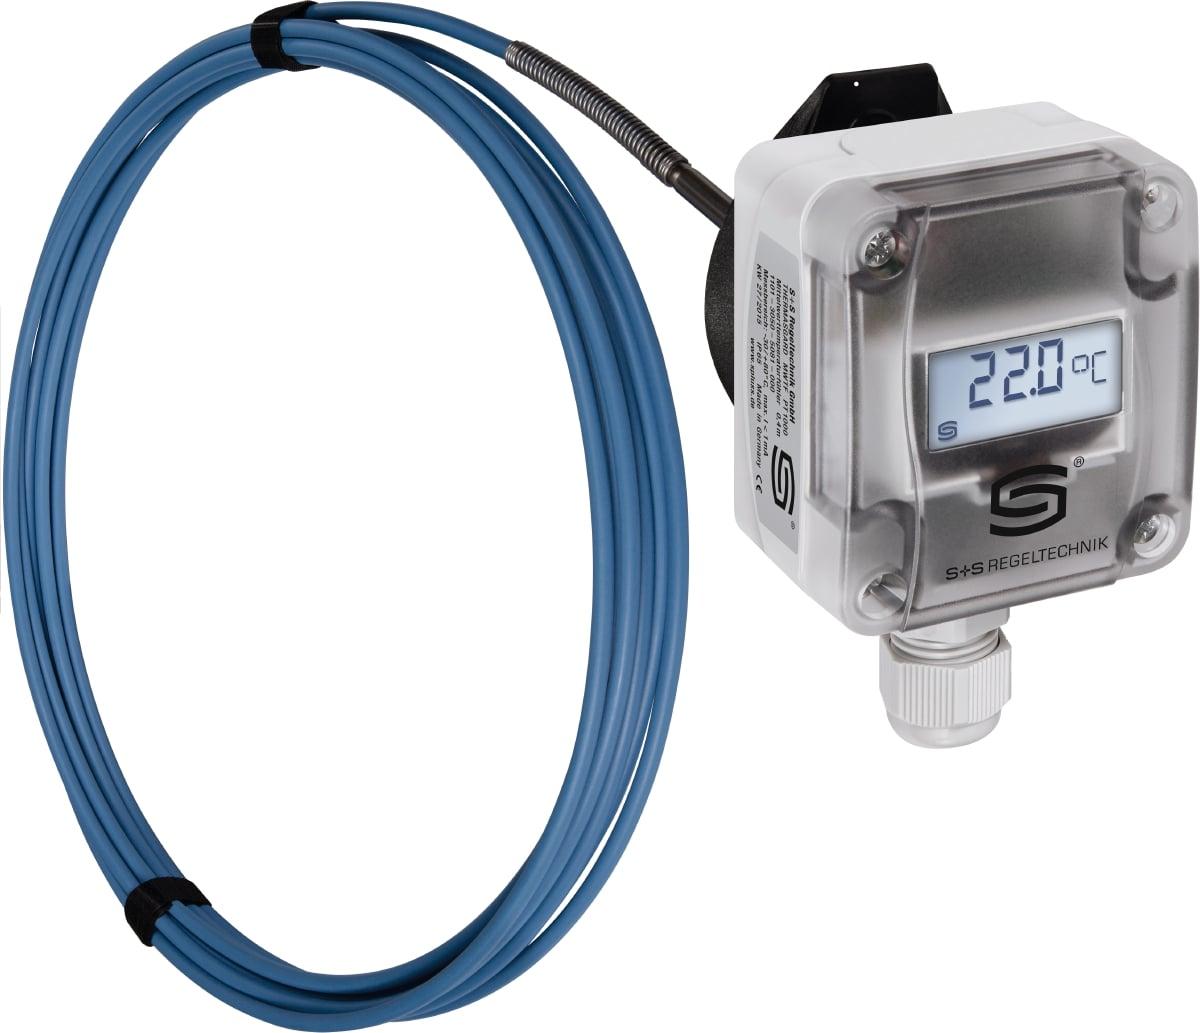 Канальный датчик средней температуры MWTM-Display